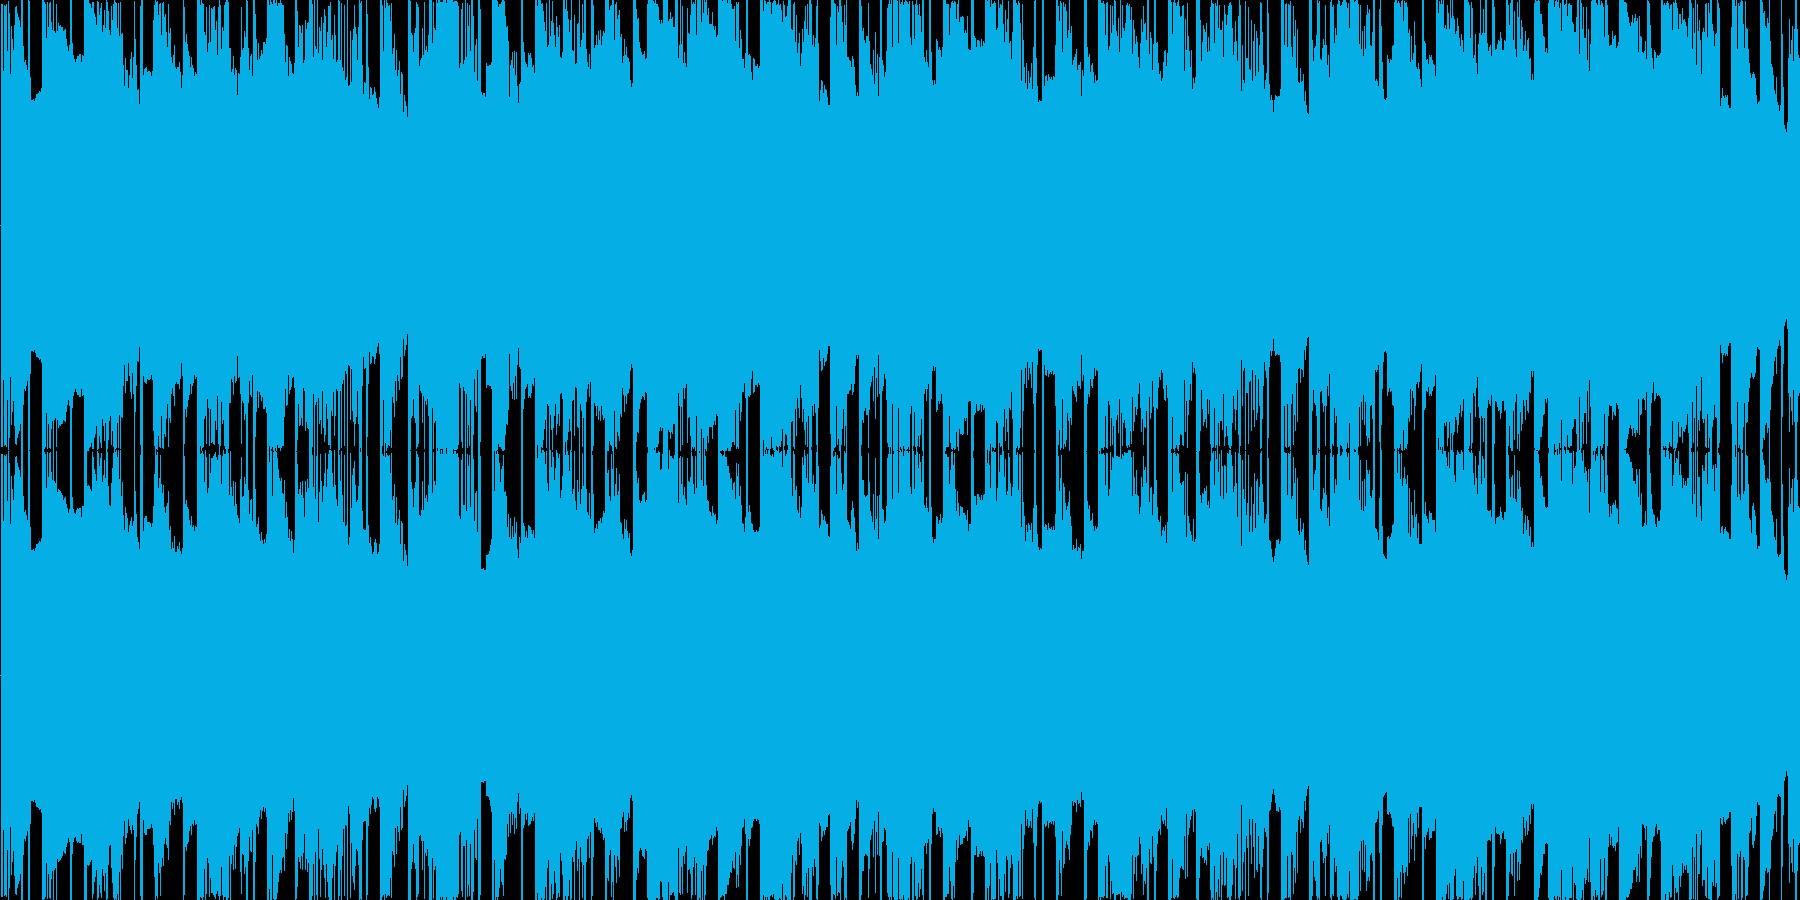 ファミコン風のダンジョン・迷路向けBGMの再生済みの波形